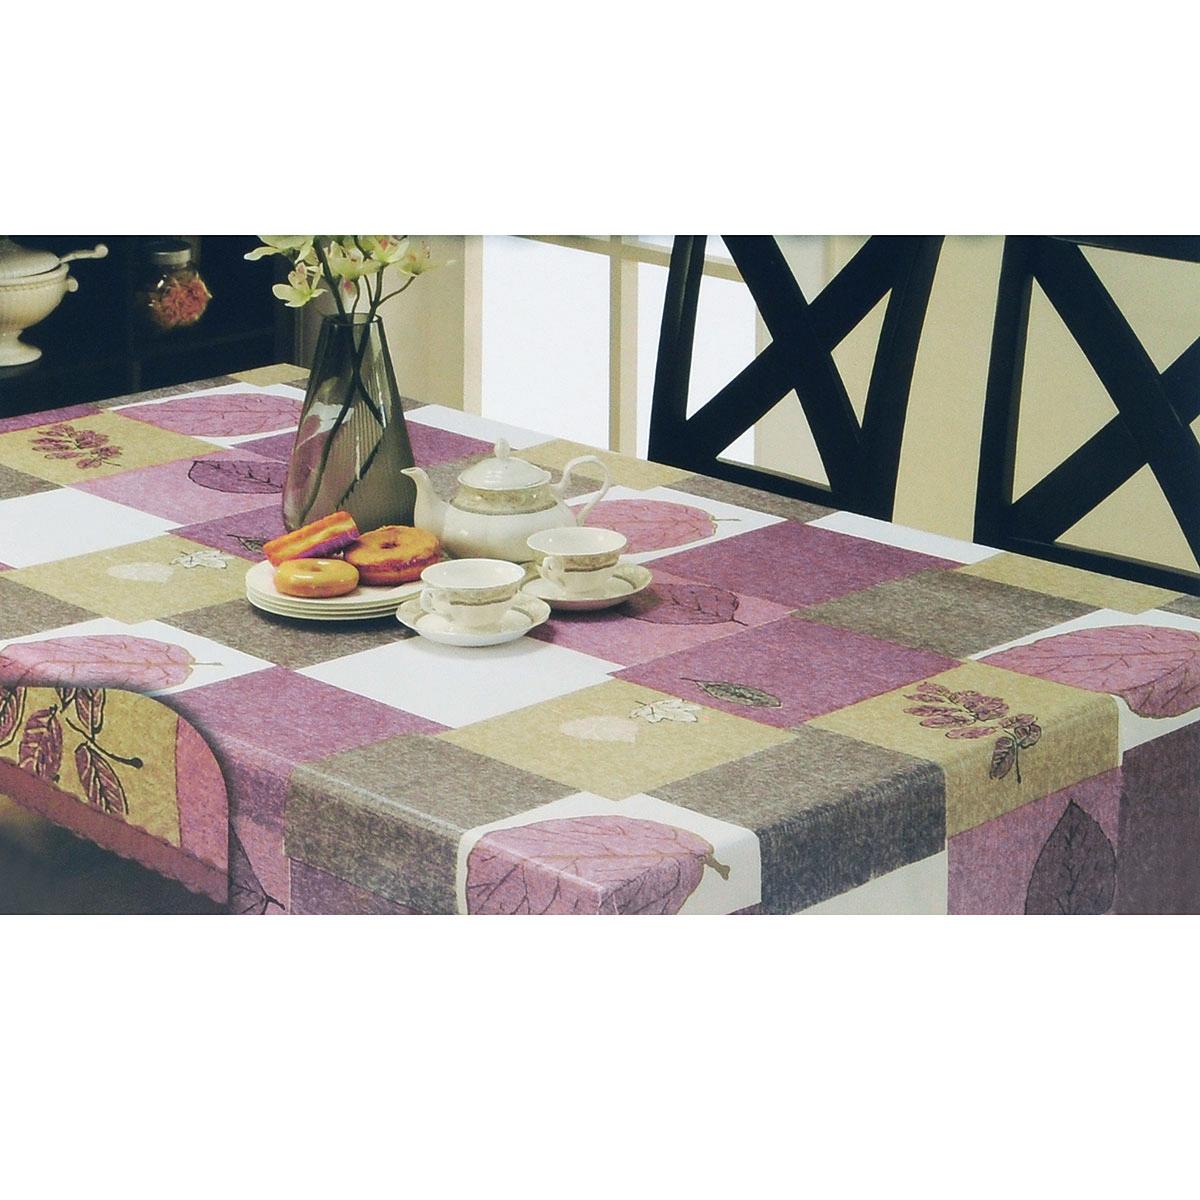 Скатерть White Fox Лист, прямоугольная, цвет: сиреневый, серый, 120x 150 смVT-1520(SR)Прямоугольная скатерть White Fox Лист, выполненная из ПВХ с основой из флиса, предназначена для защиты стола от царапин, пятен и крошек. Край скатерти обработан строчкой. Скатерть оформлена изображением листочков, а рифлёная поверхность формирует приятные тактильные ощущения, при этом частички пищи удаляются с легкостью и поверхность остается всегда чистой. Скатерть термостойкая, выдерживает температуру до +70 °C.Скатерть White Fox проста в уходе - её можно протирать любыми моющими средствами при необходимости.Скатерть упакована в виниловый пакет с внутренним цветным вкладышем и подвесом в виде крючка.